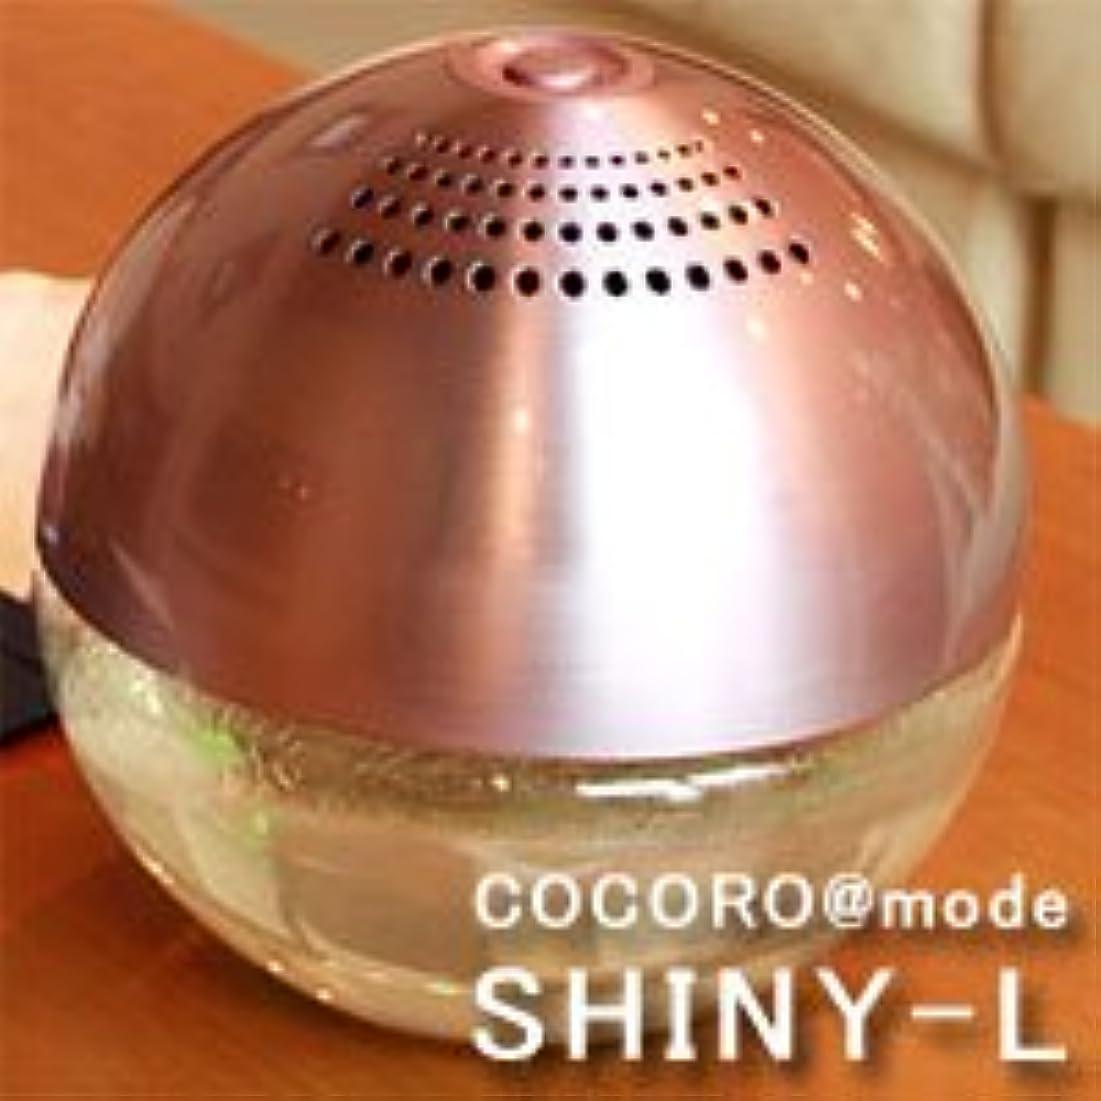 外側届ける伝染病COCORO mode(ココロモード) 空気清浄機 シャイミー(旧名シャイニー) Lサイズ 約19×20×20cm (アロマソリューション10ml×3本付) ゴールド